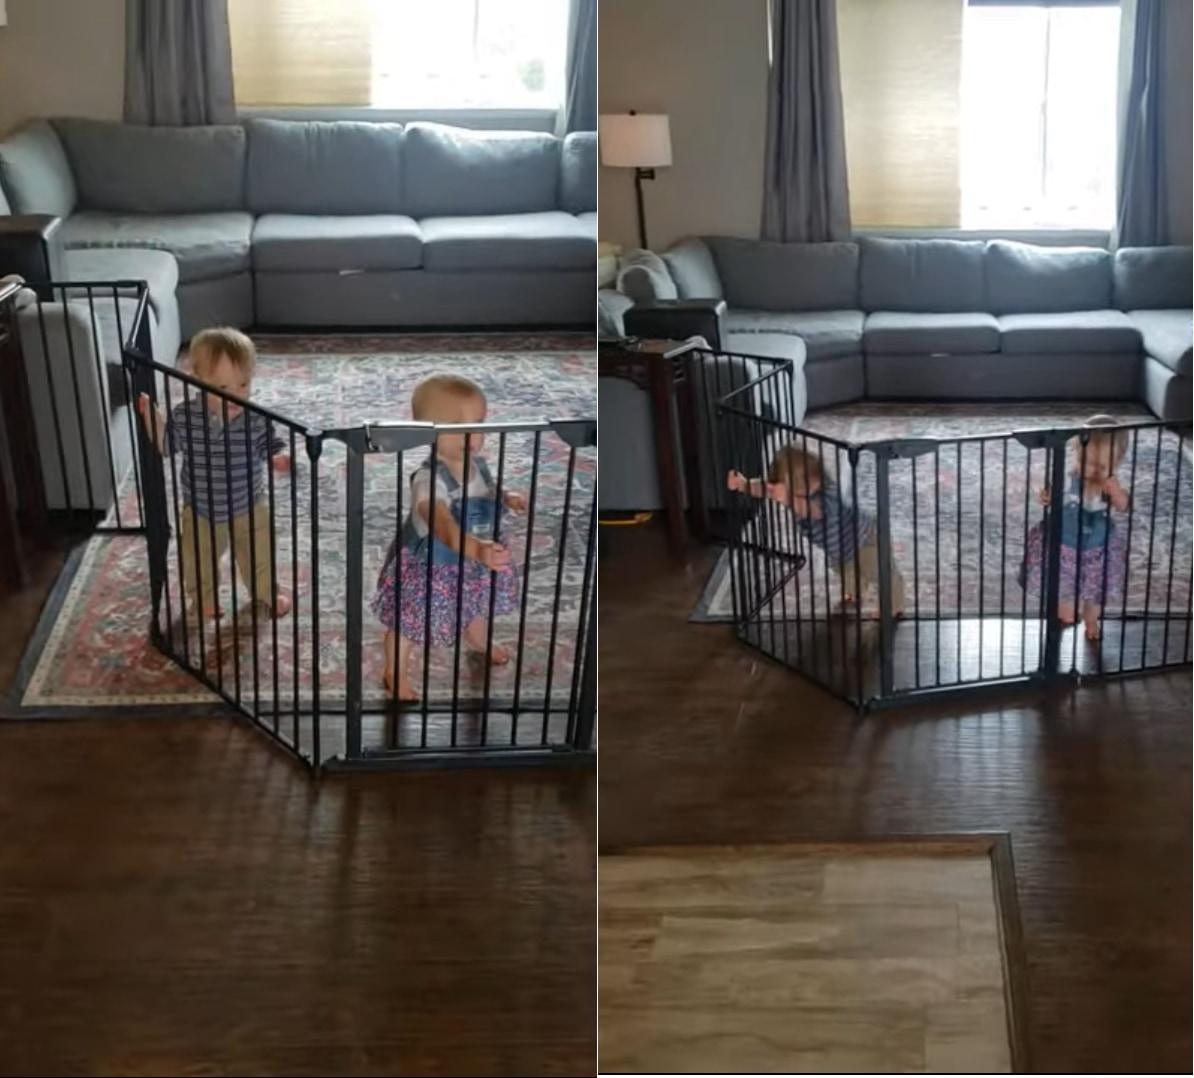 押してダメなら・・・もっと押す!!ベビーゲートを力技で突破する赤ちゃんたち